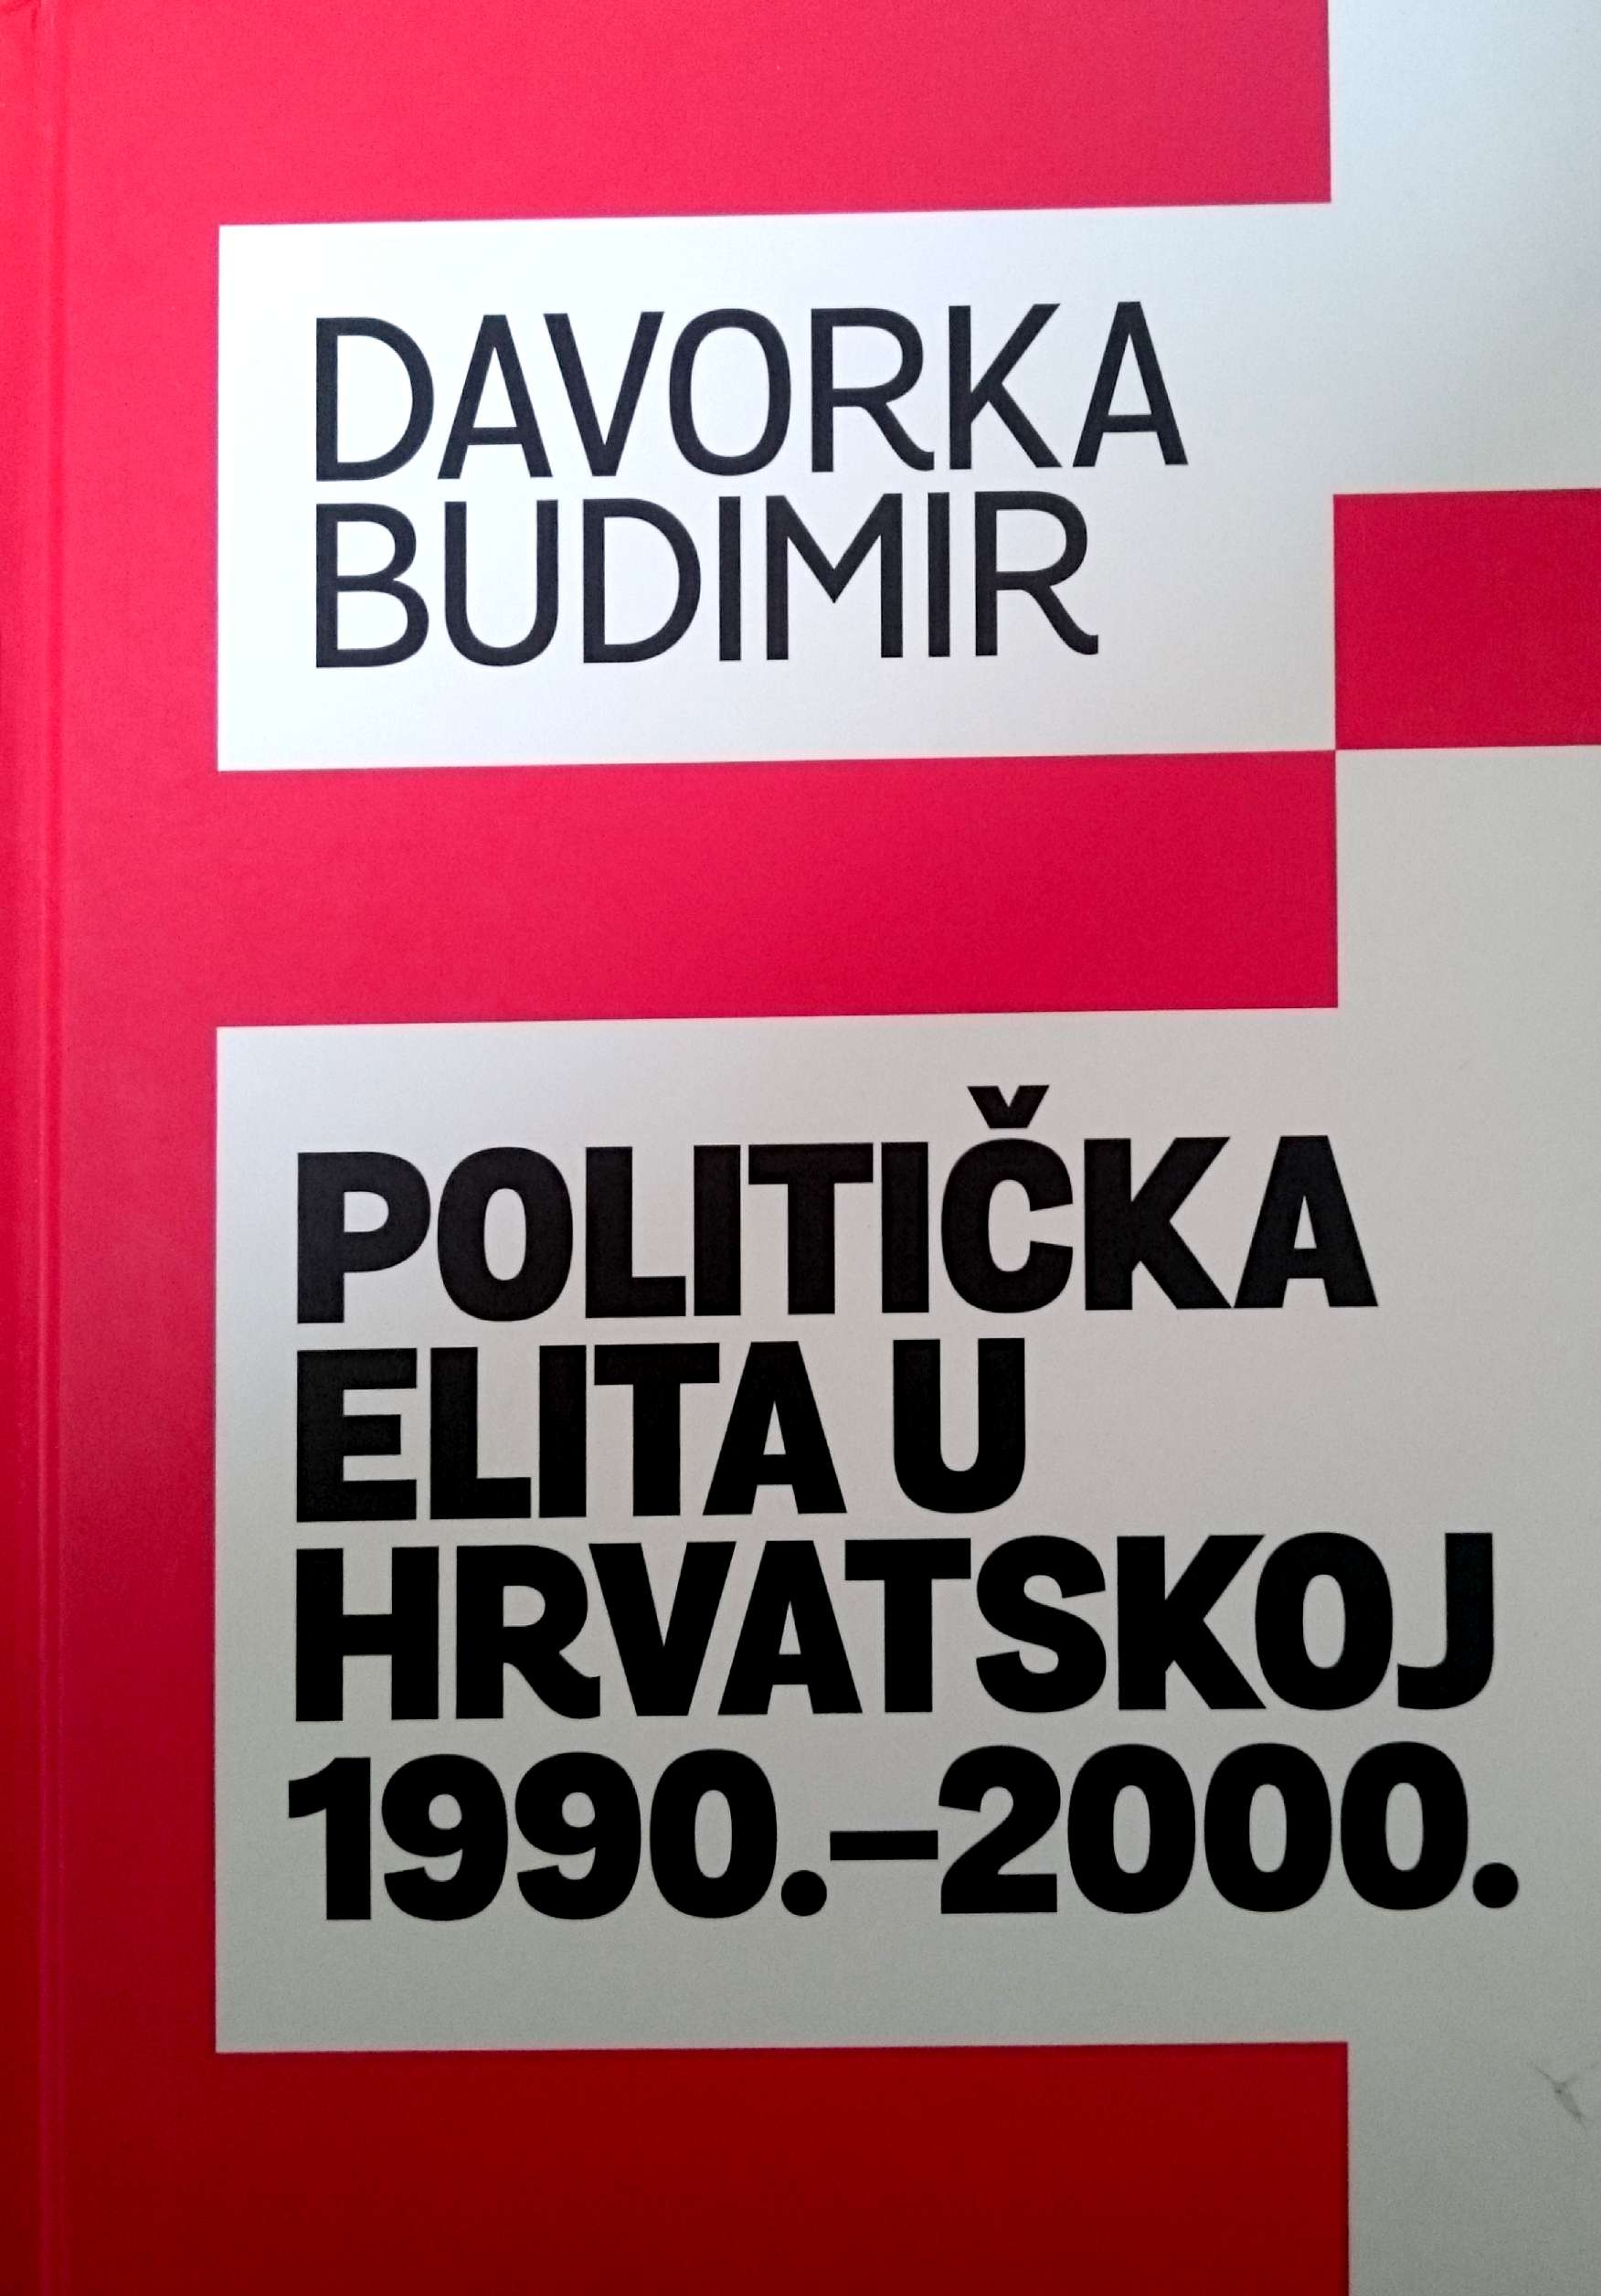 POLITIČKA ELITA U HRVATSKOJ 1990-2000. - Naruči svoju knjigu